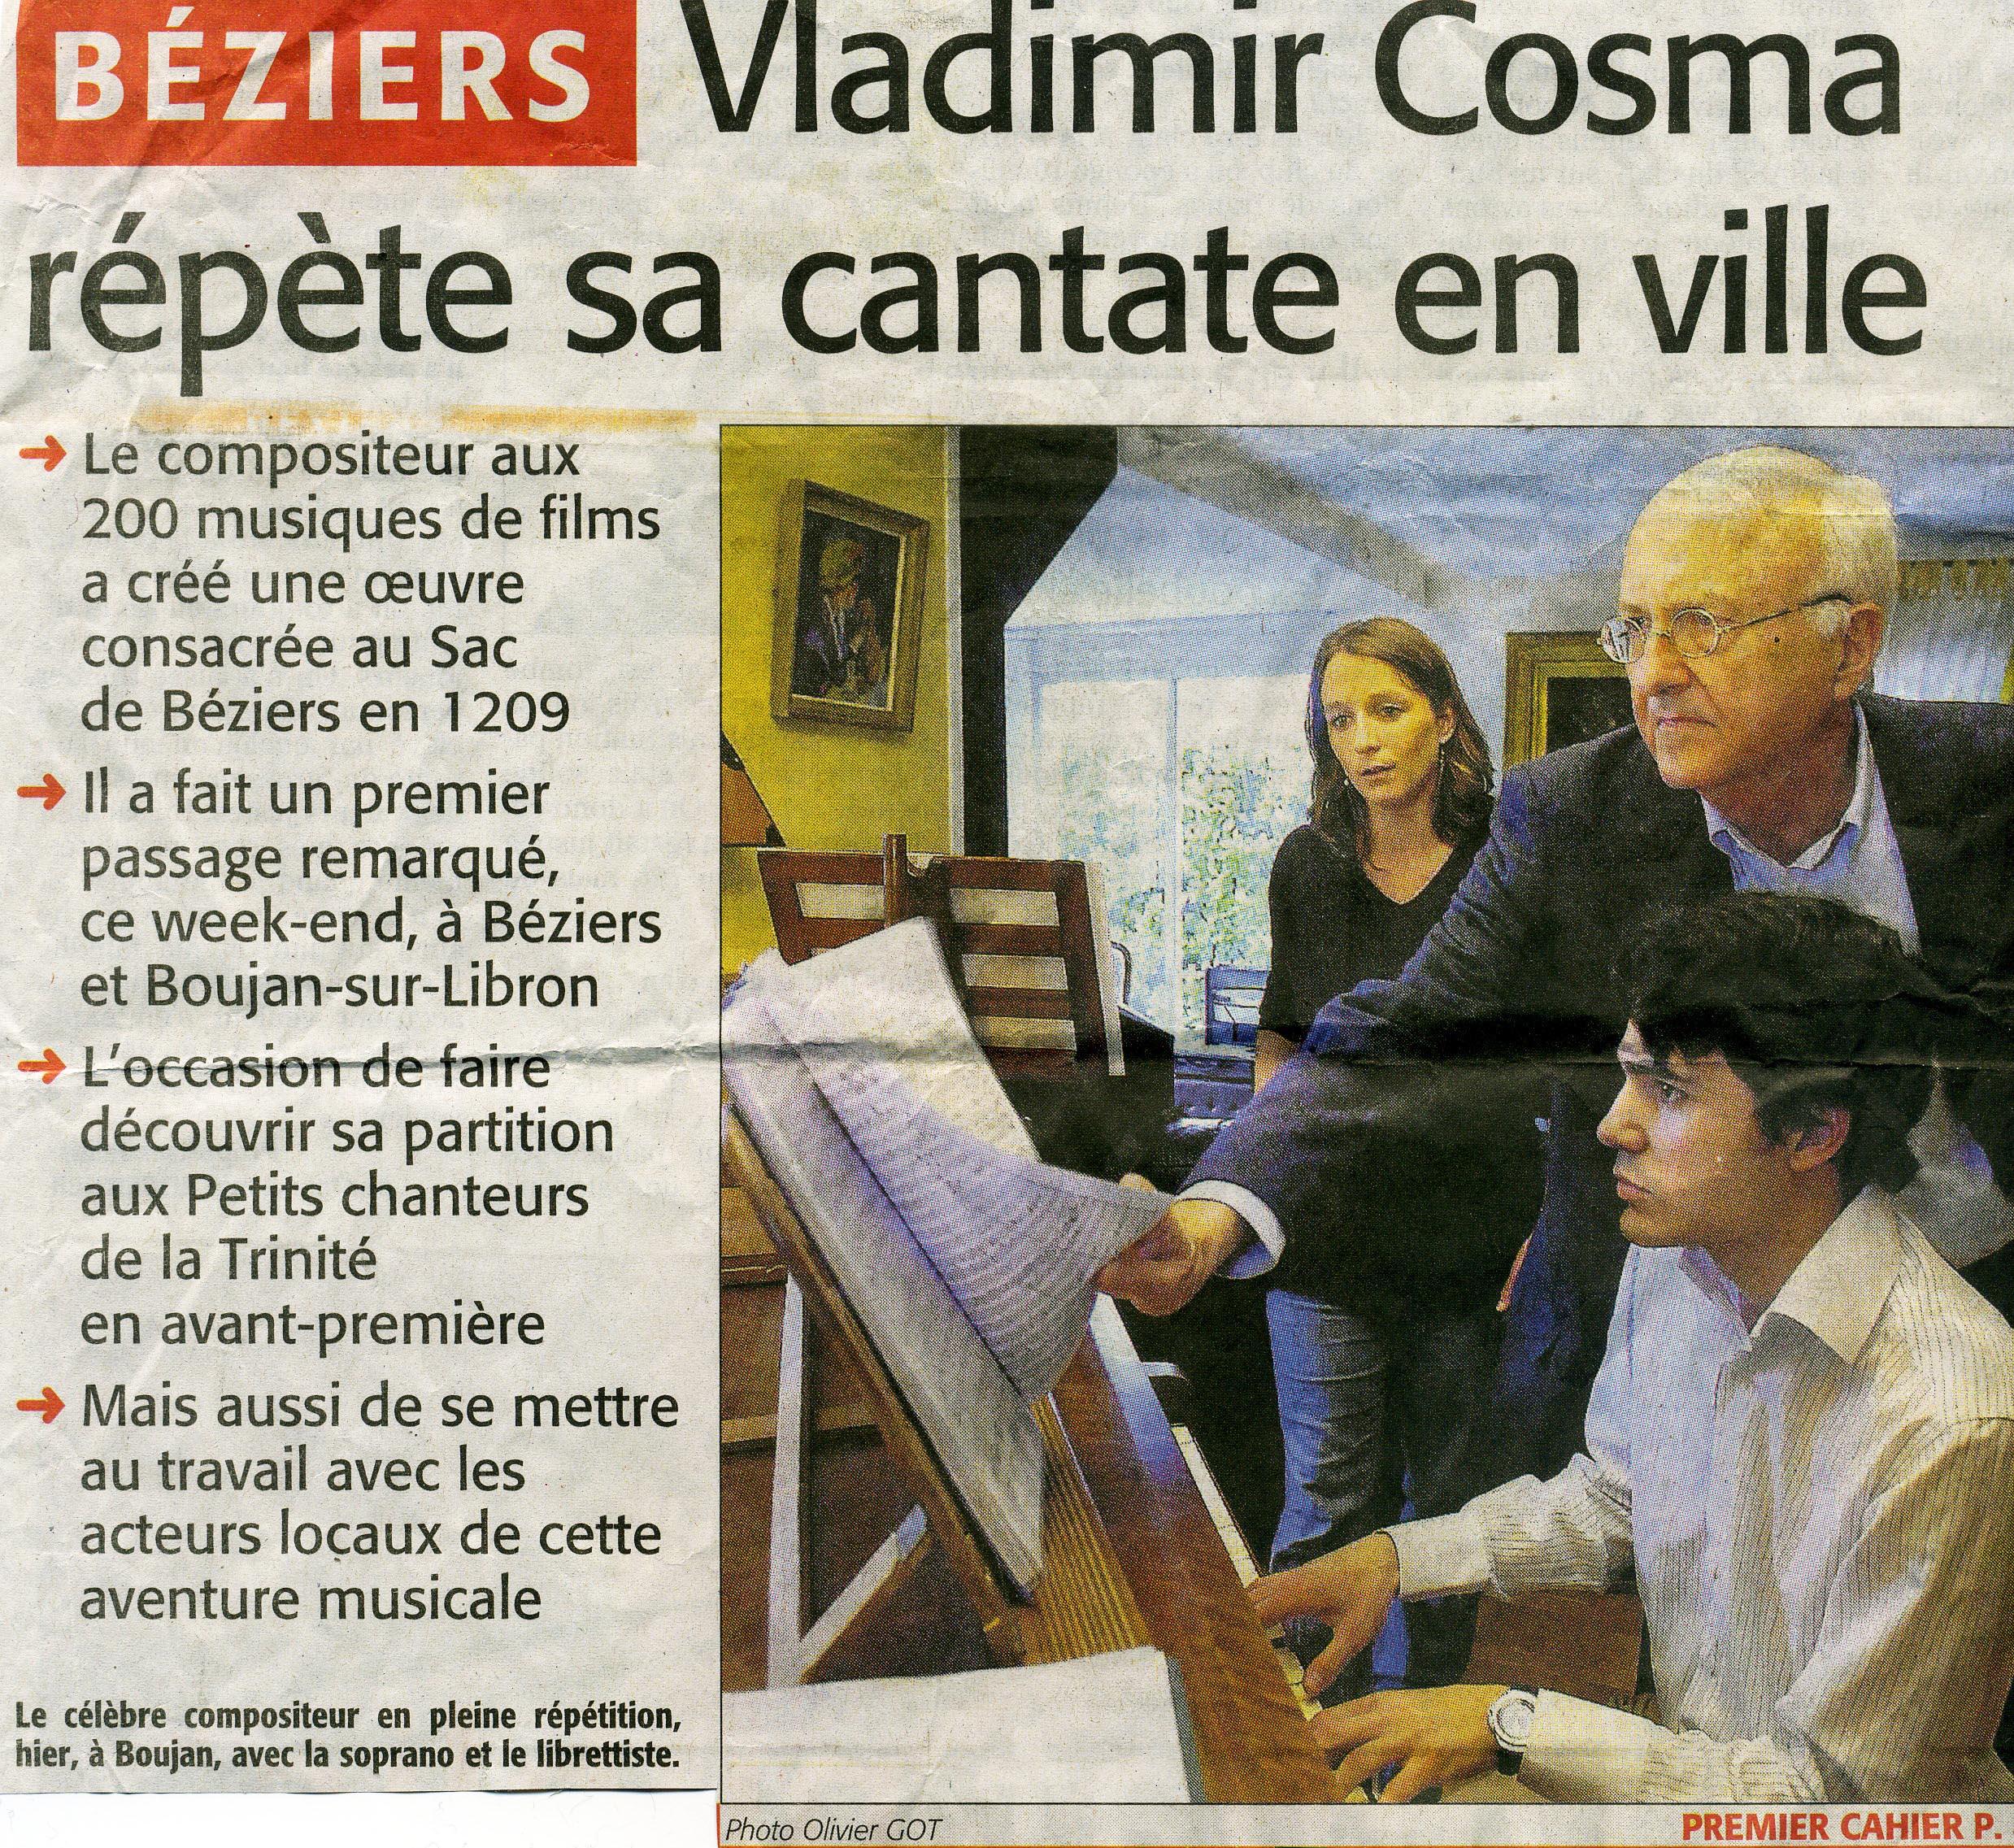 29 mars 2009 article sur la Création Mondiale de Vladimir Cosma